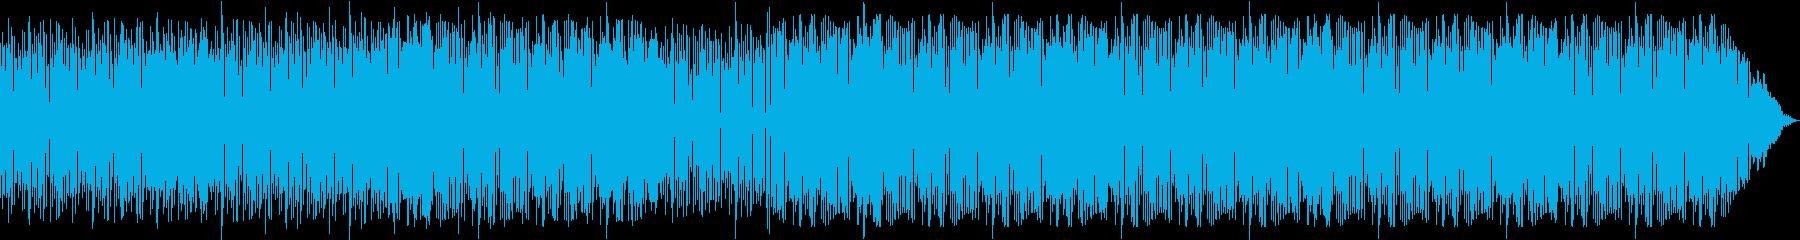 ノリのいいラテン風ポップスの再生済みの波形